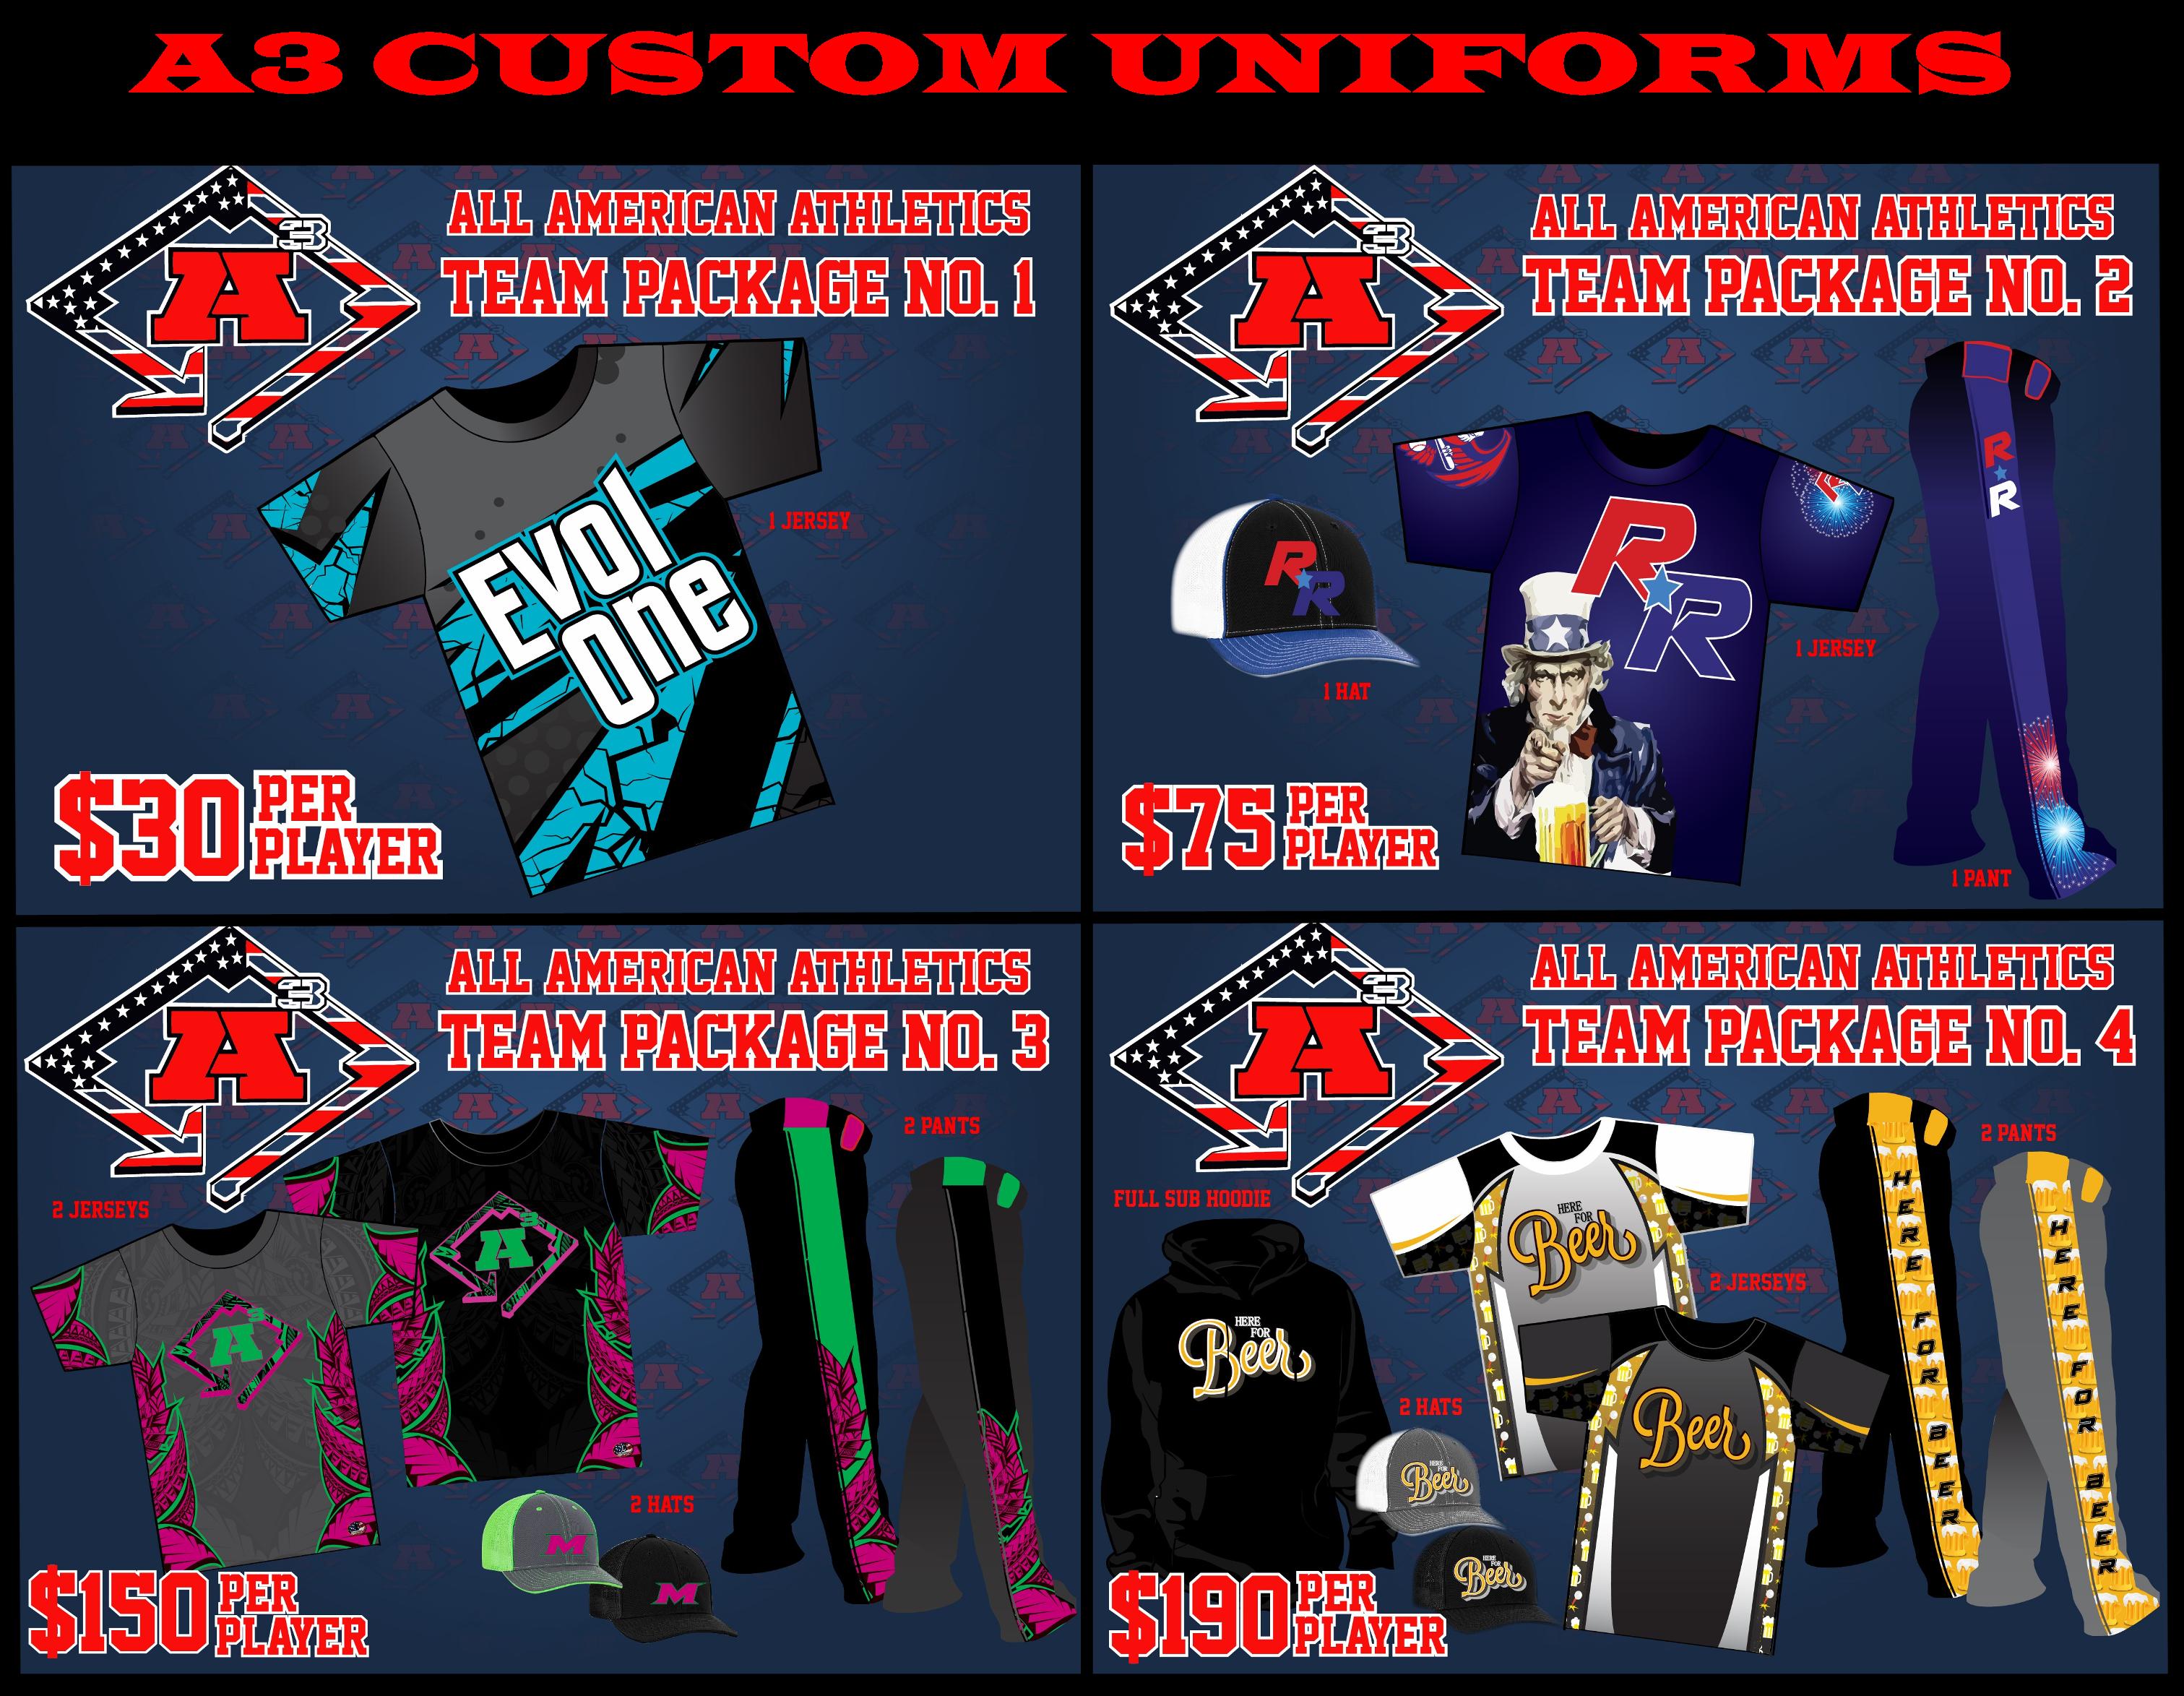 uniforms-2.png